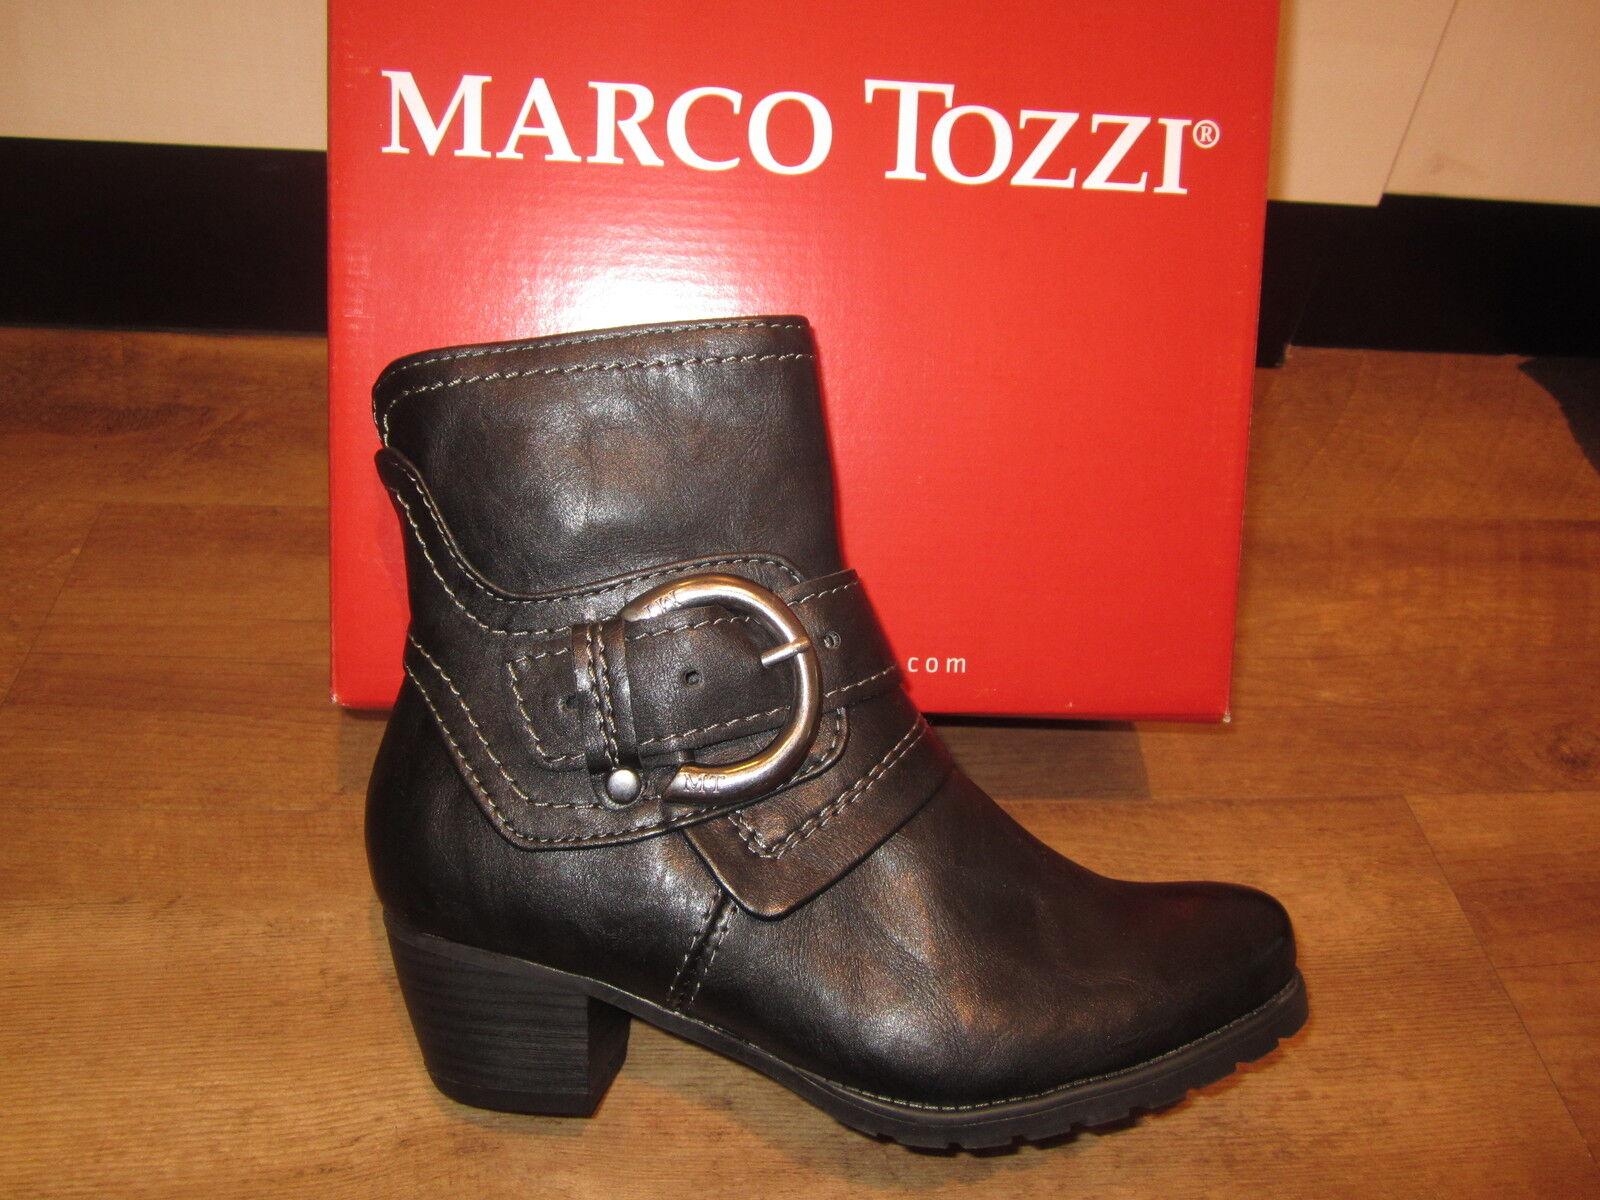 Marco Tozzi Stiefel, Stiefel, Stiefel, Stiefelette, schwarz, leicht gefüttert. RV NEU 6f04fd